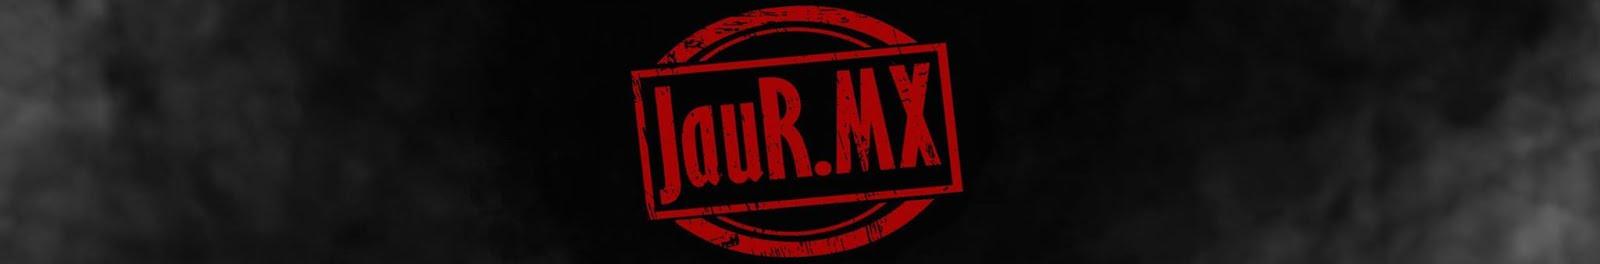 JauR.mx